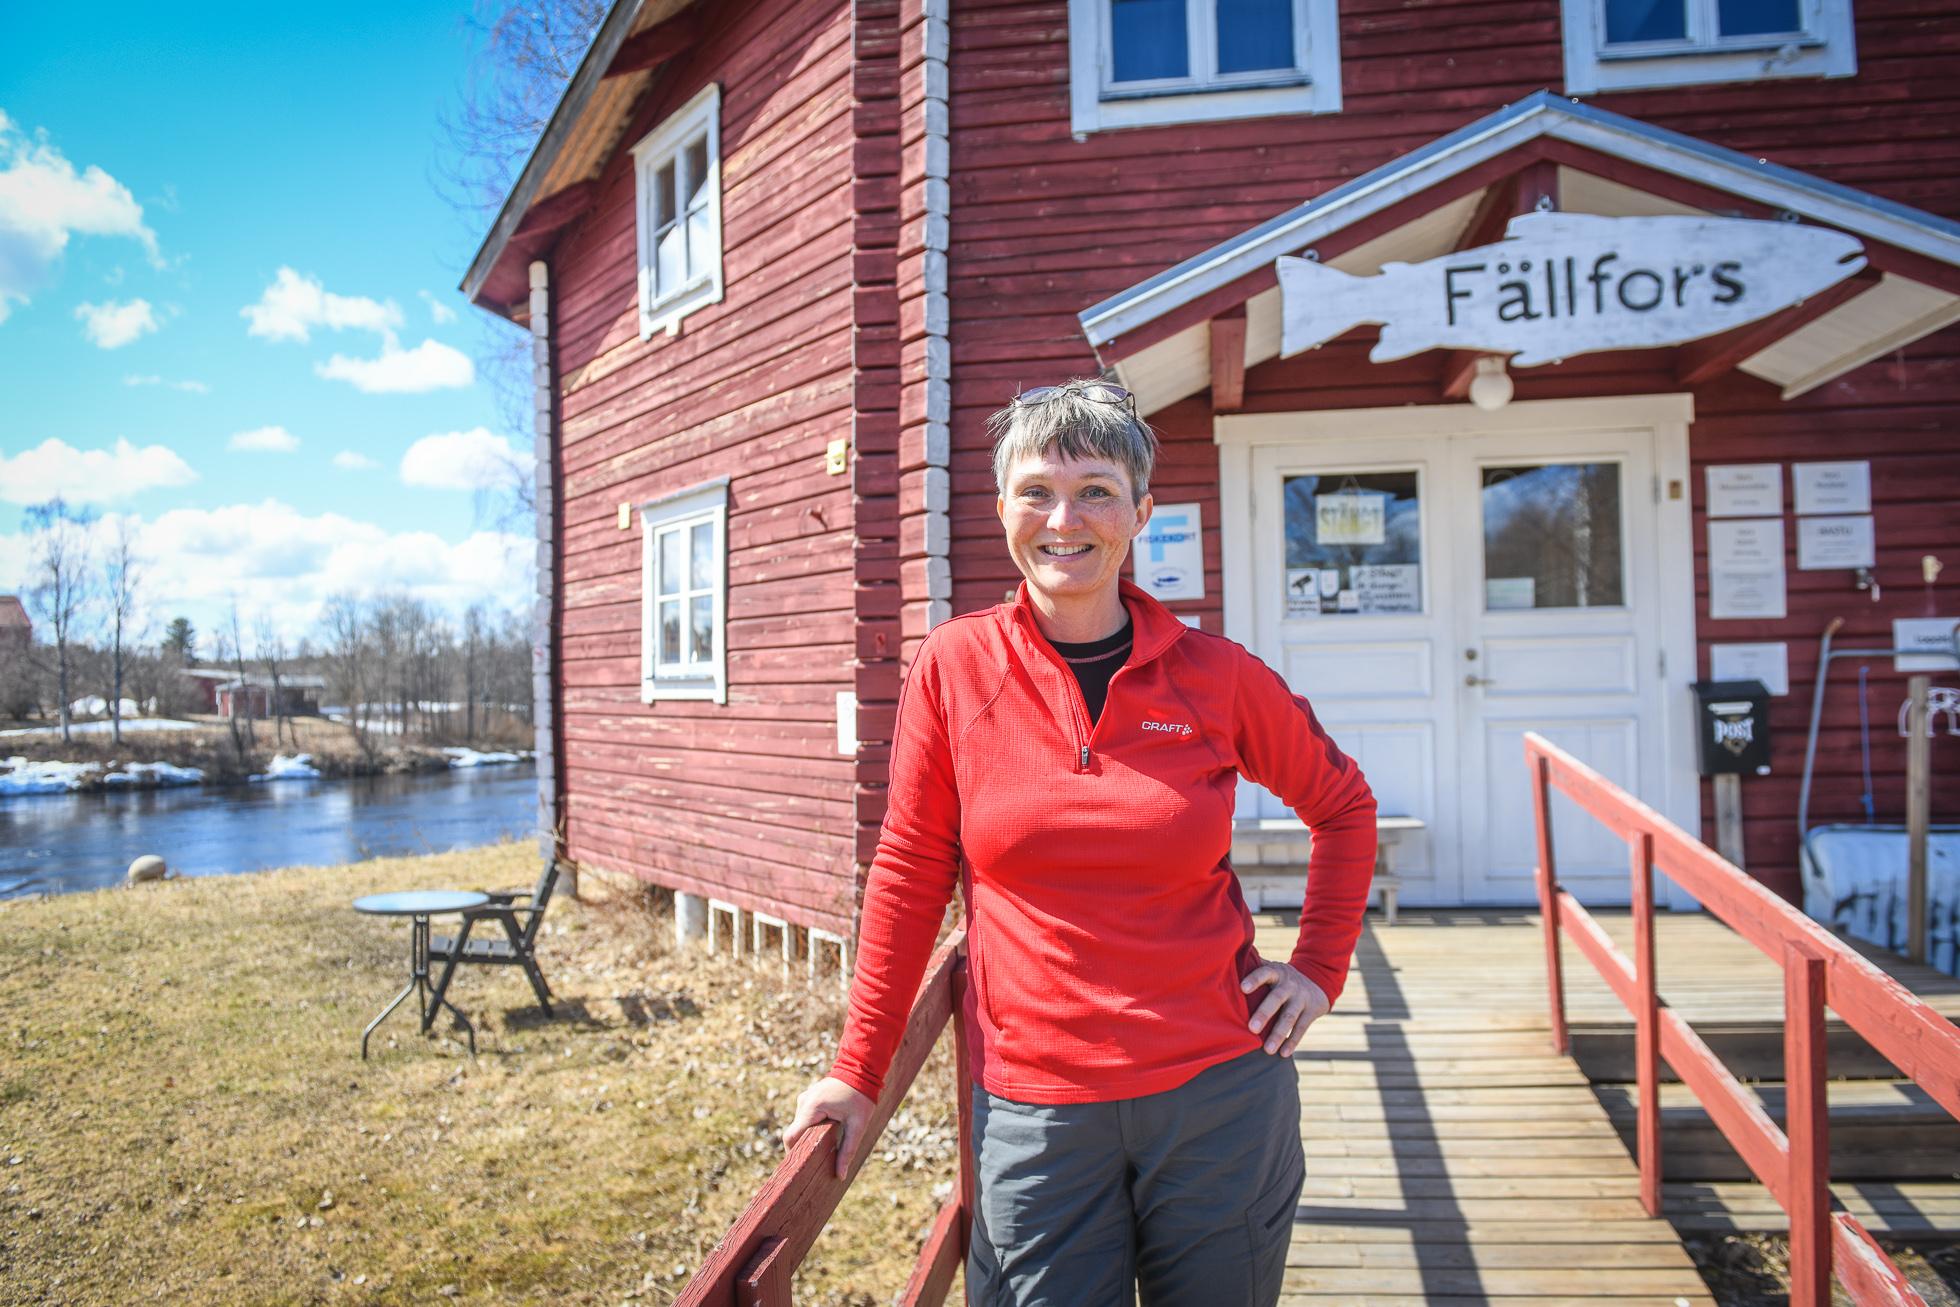 Kontakta Byske-Fllfors frsamling - Svenska kyrkan